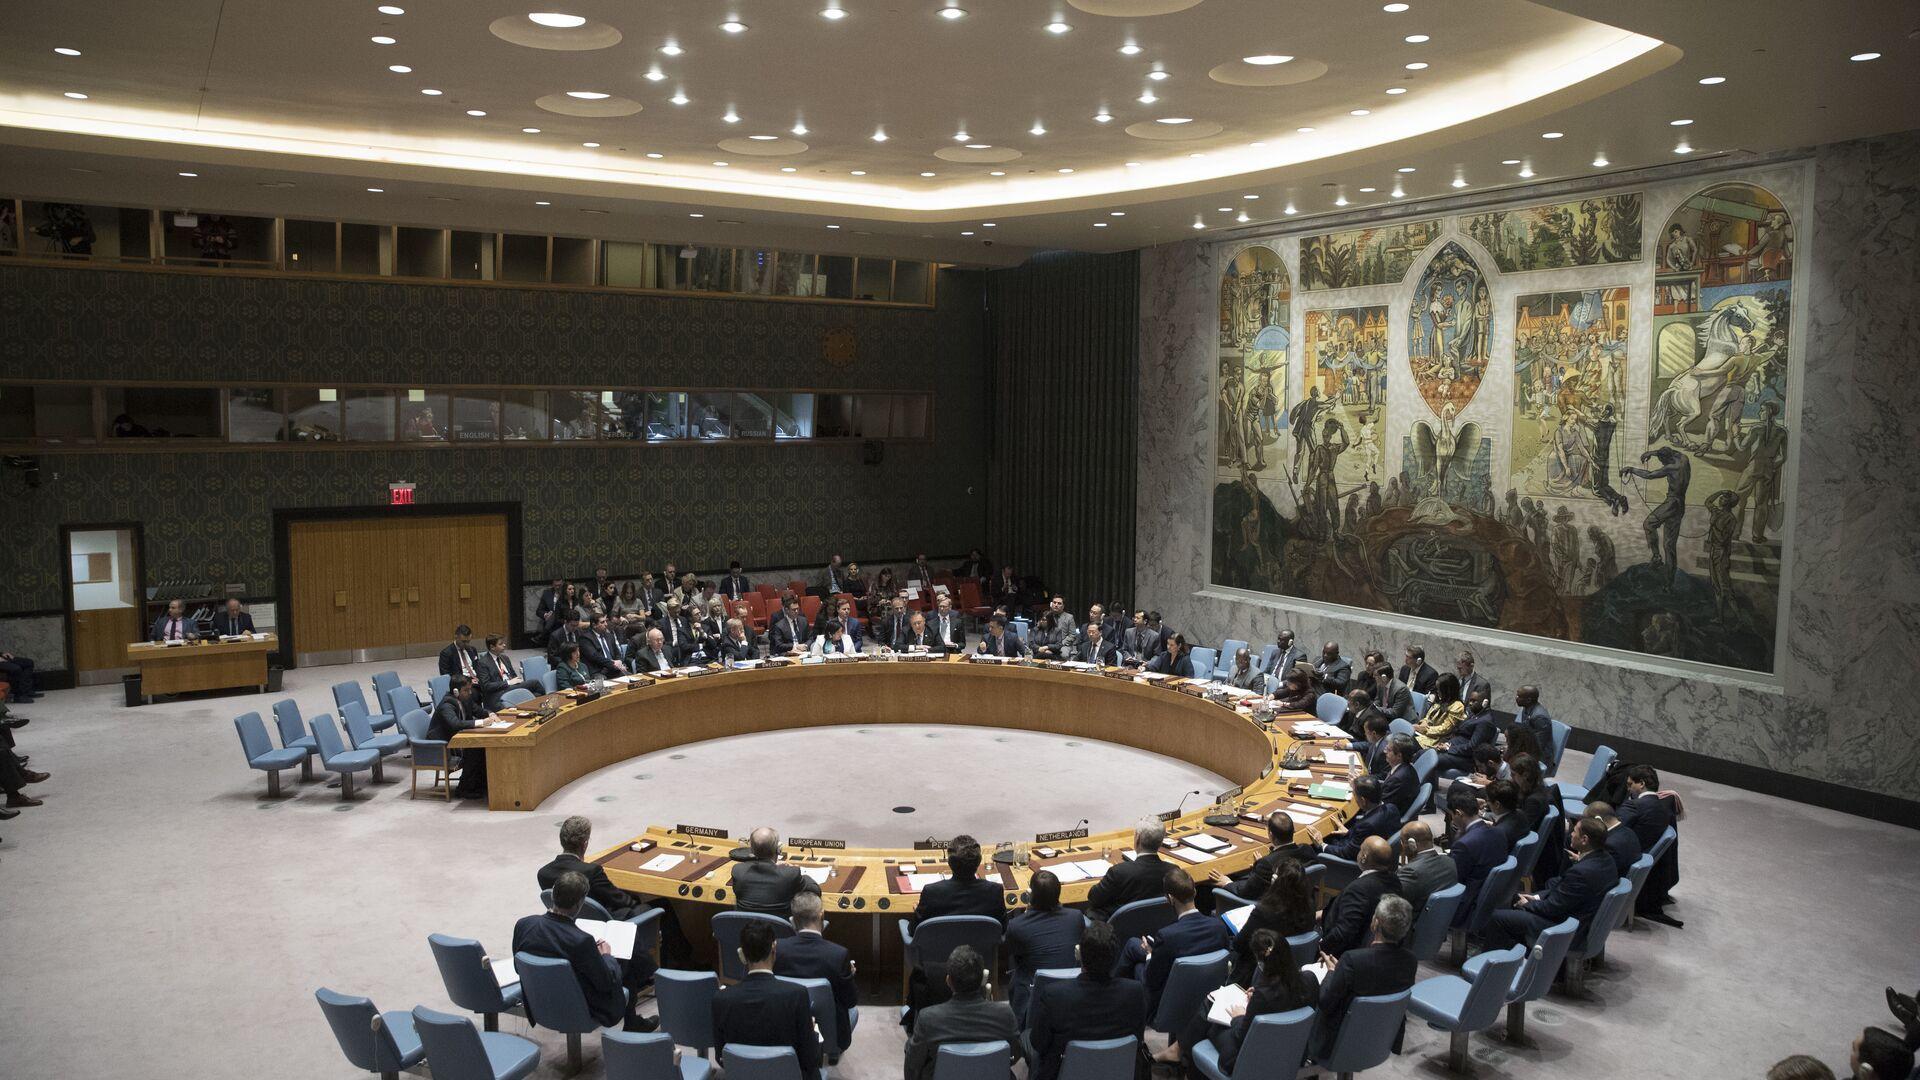 Consejo de Seguridad de la ONU (archivo) - Sputnik Mundo, 1920, 04.02.2021